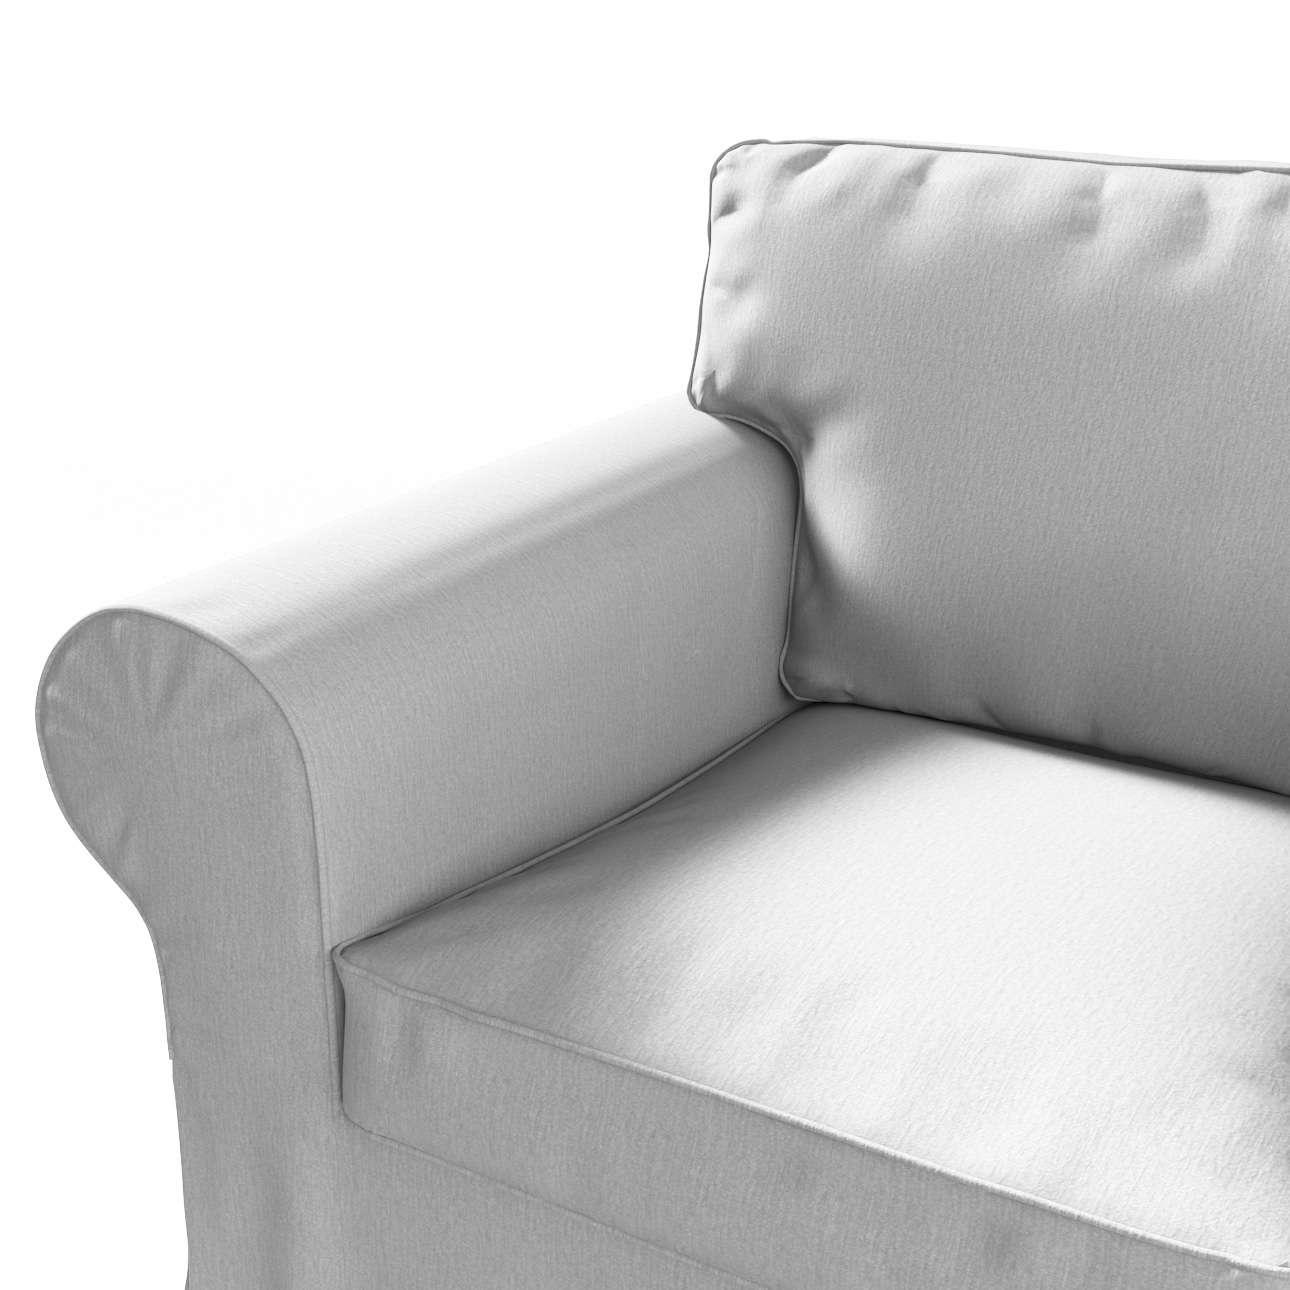 Pokrowiec na fotel Ektorp Fotel Ektorp w kolekcji Chenille, tkanina: 702-23